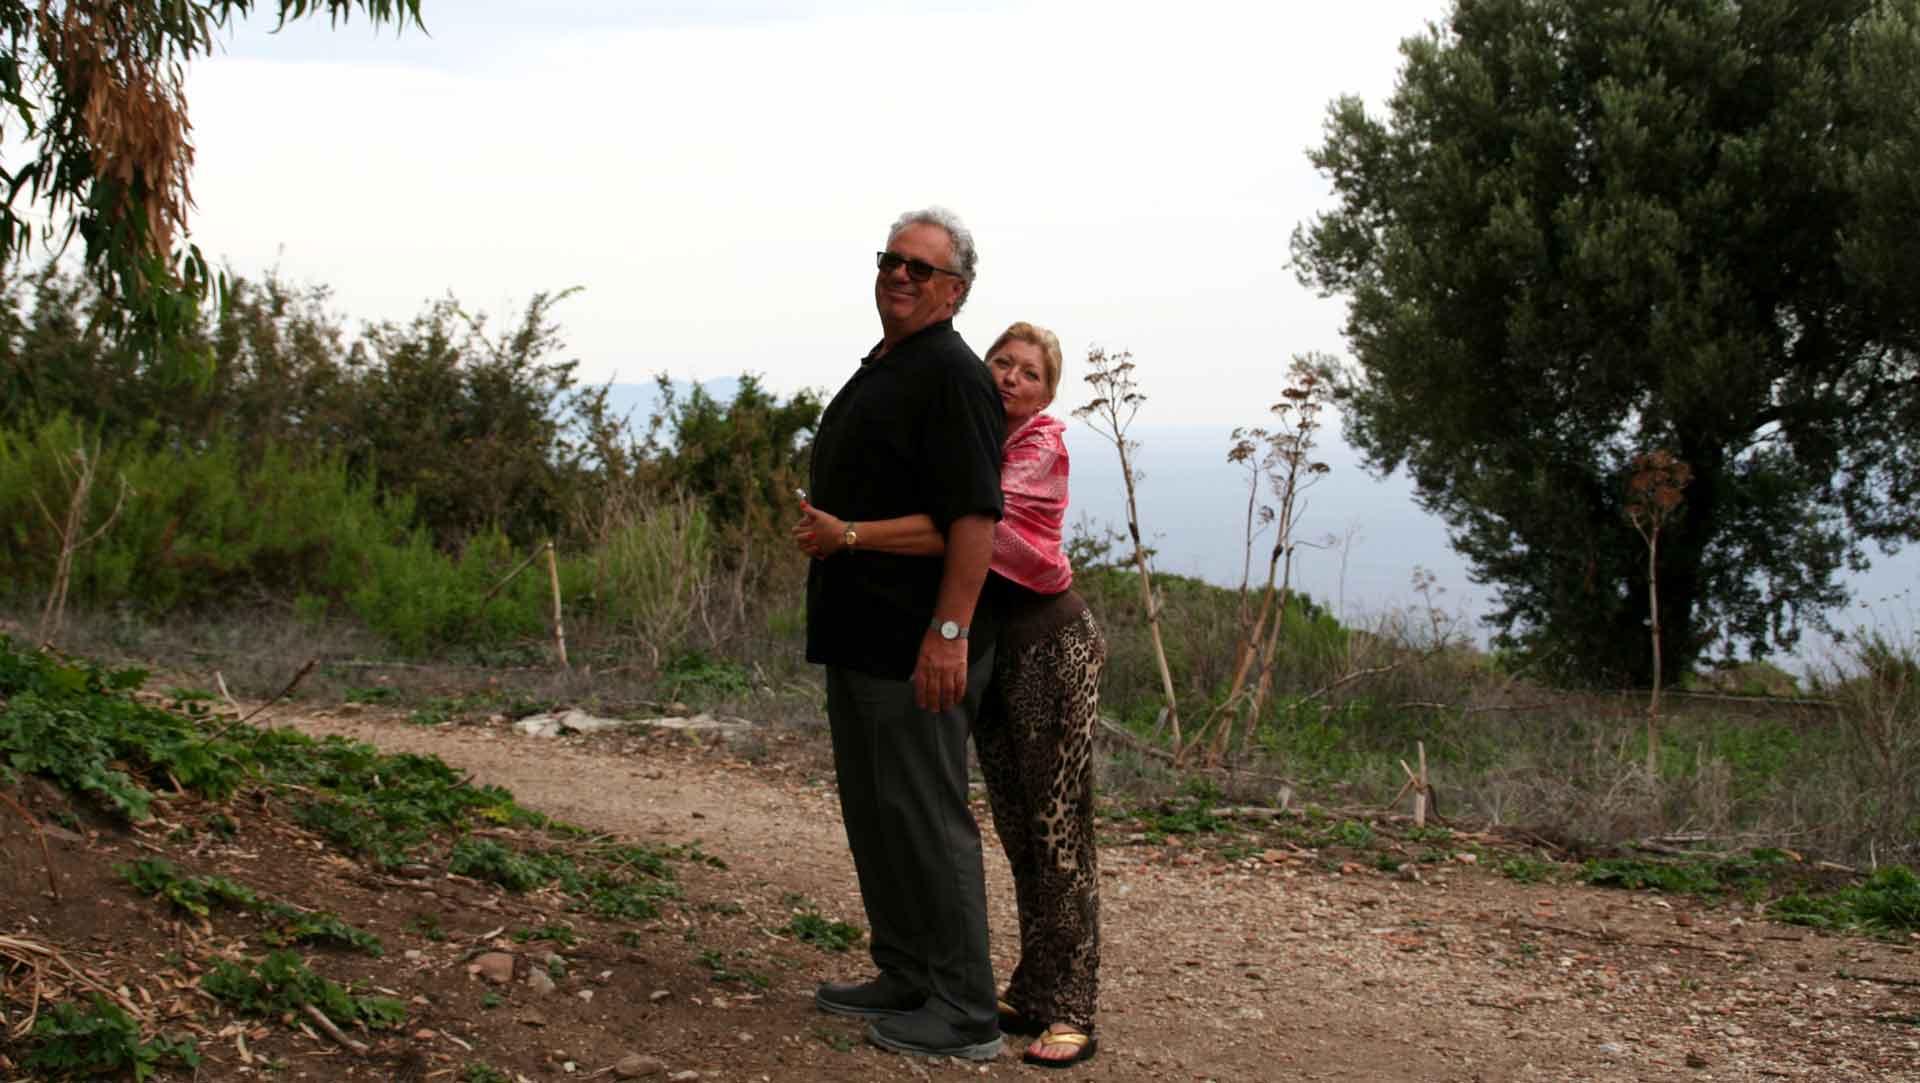 Lotte og Francesco på Sicilien og besøge leverandører til SIKANIs økologiske sicilianske specialiteter